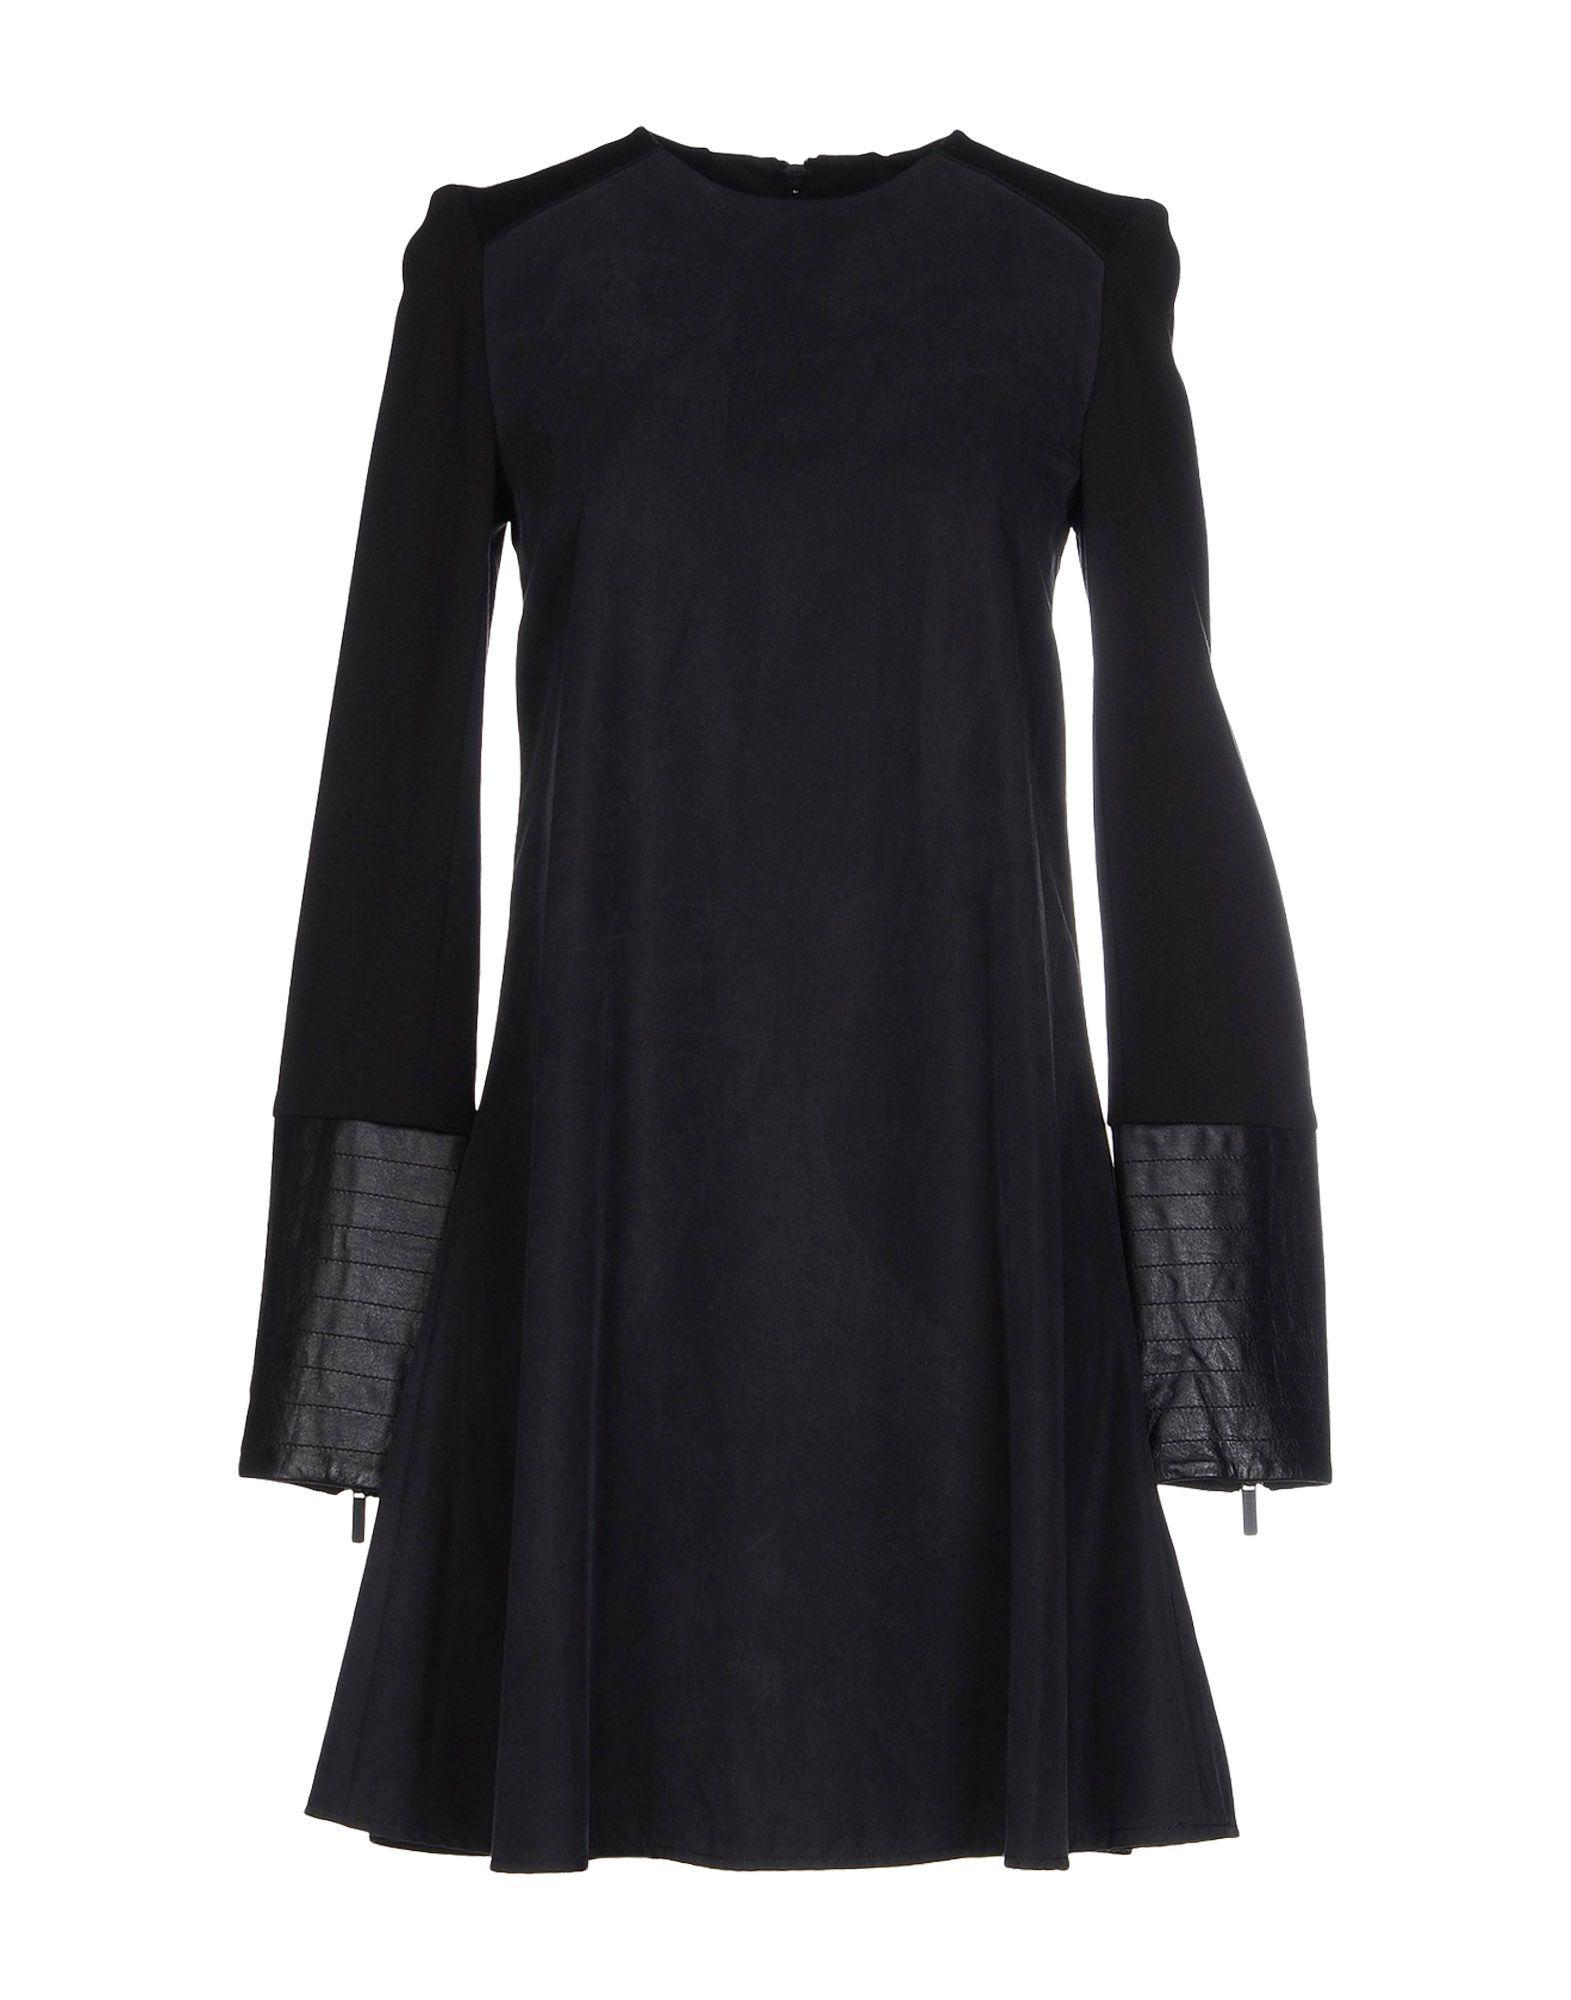 Vestito Corto Karl Lagerfeld Donna - Acquista online su Ito1ul